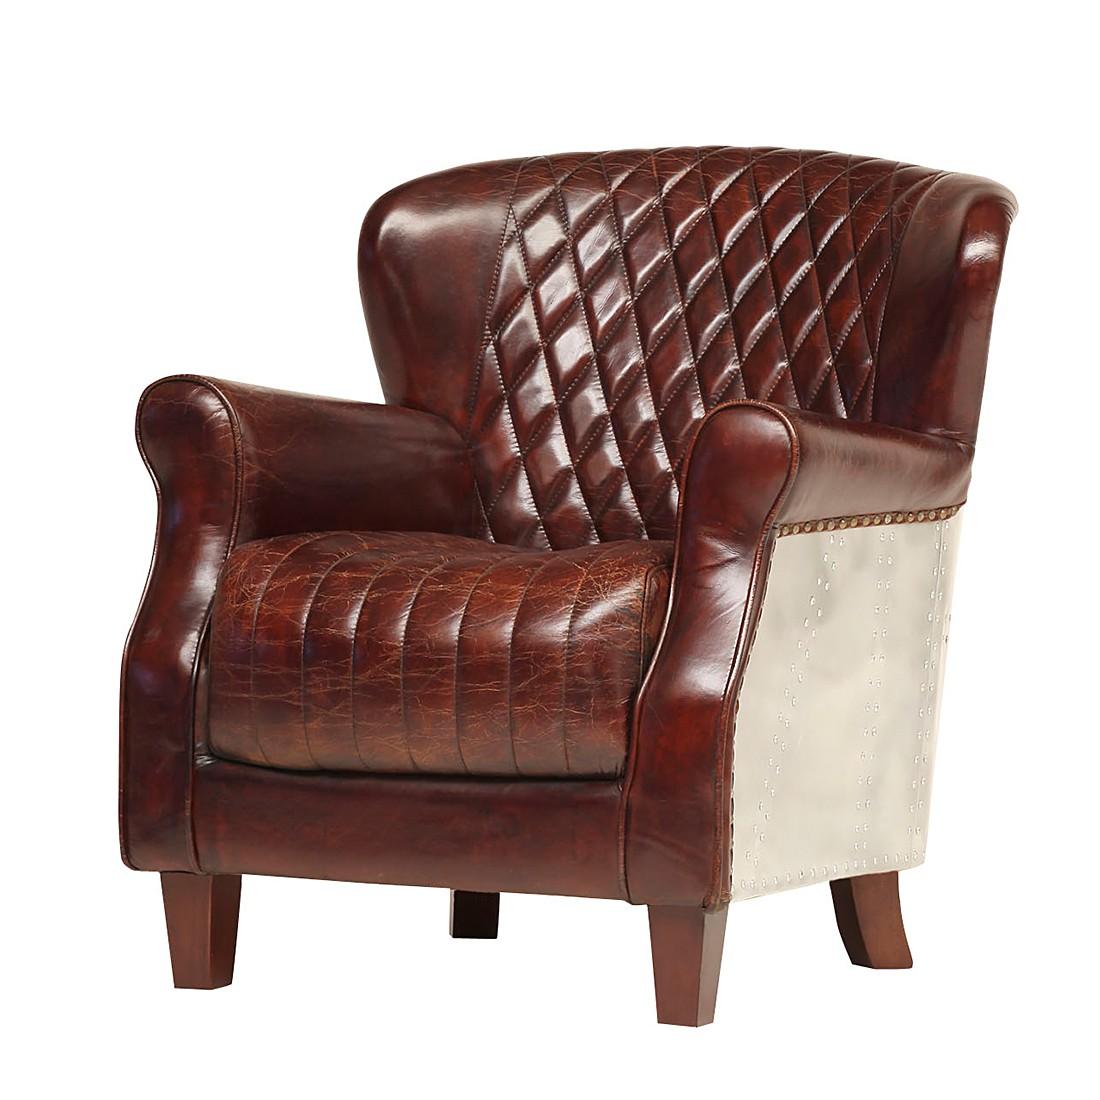 goedkoop Echt leren fauteuil Roubion bruin ars manufacti